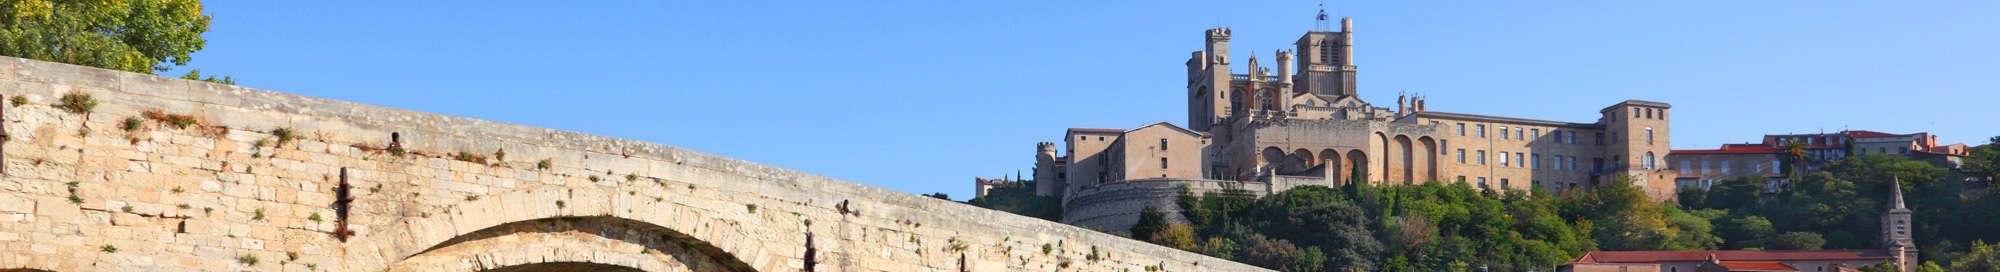 Week-end et séjour Béziers